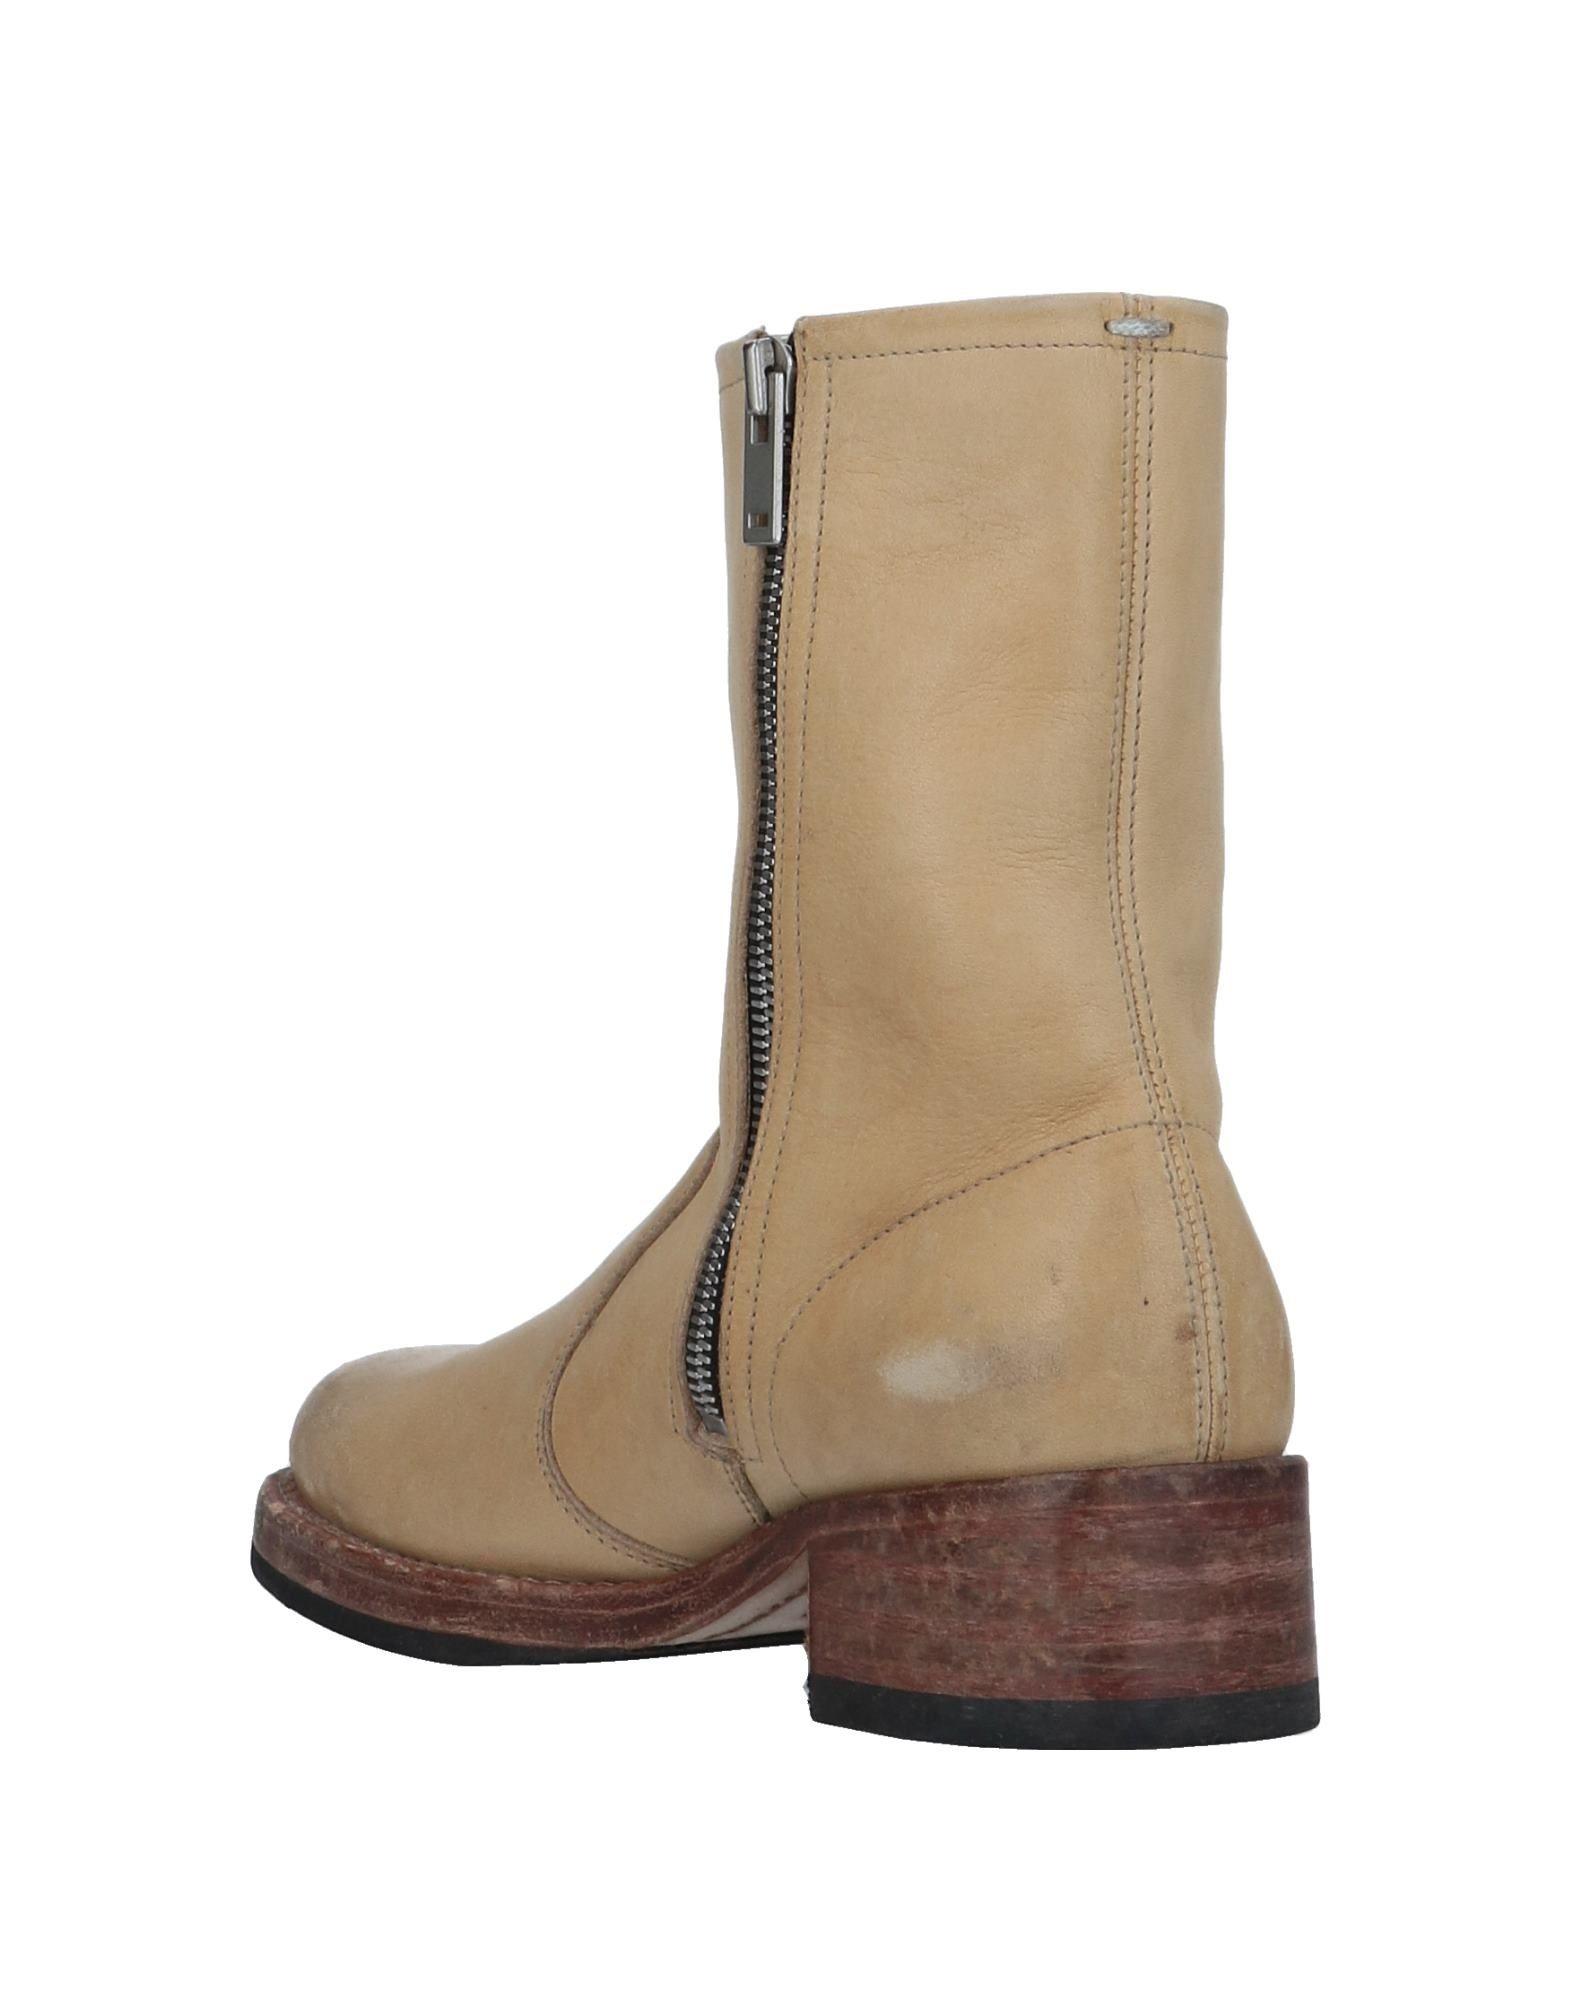 Maison Margiela  Stiefelette Damen  Margiela 11290935RG Neue Schuhe eb134f